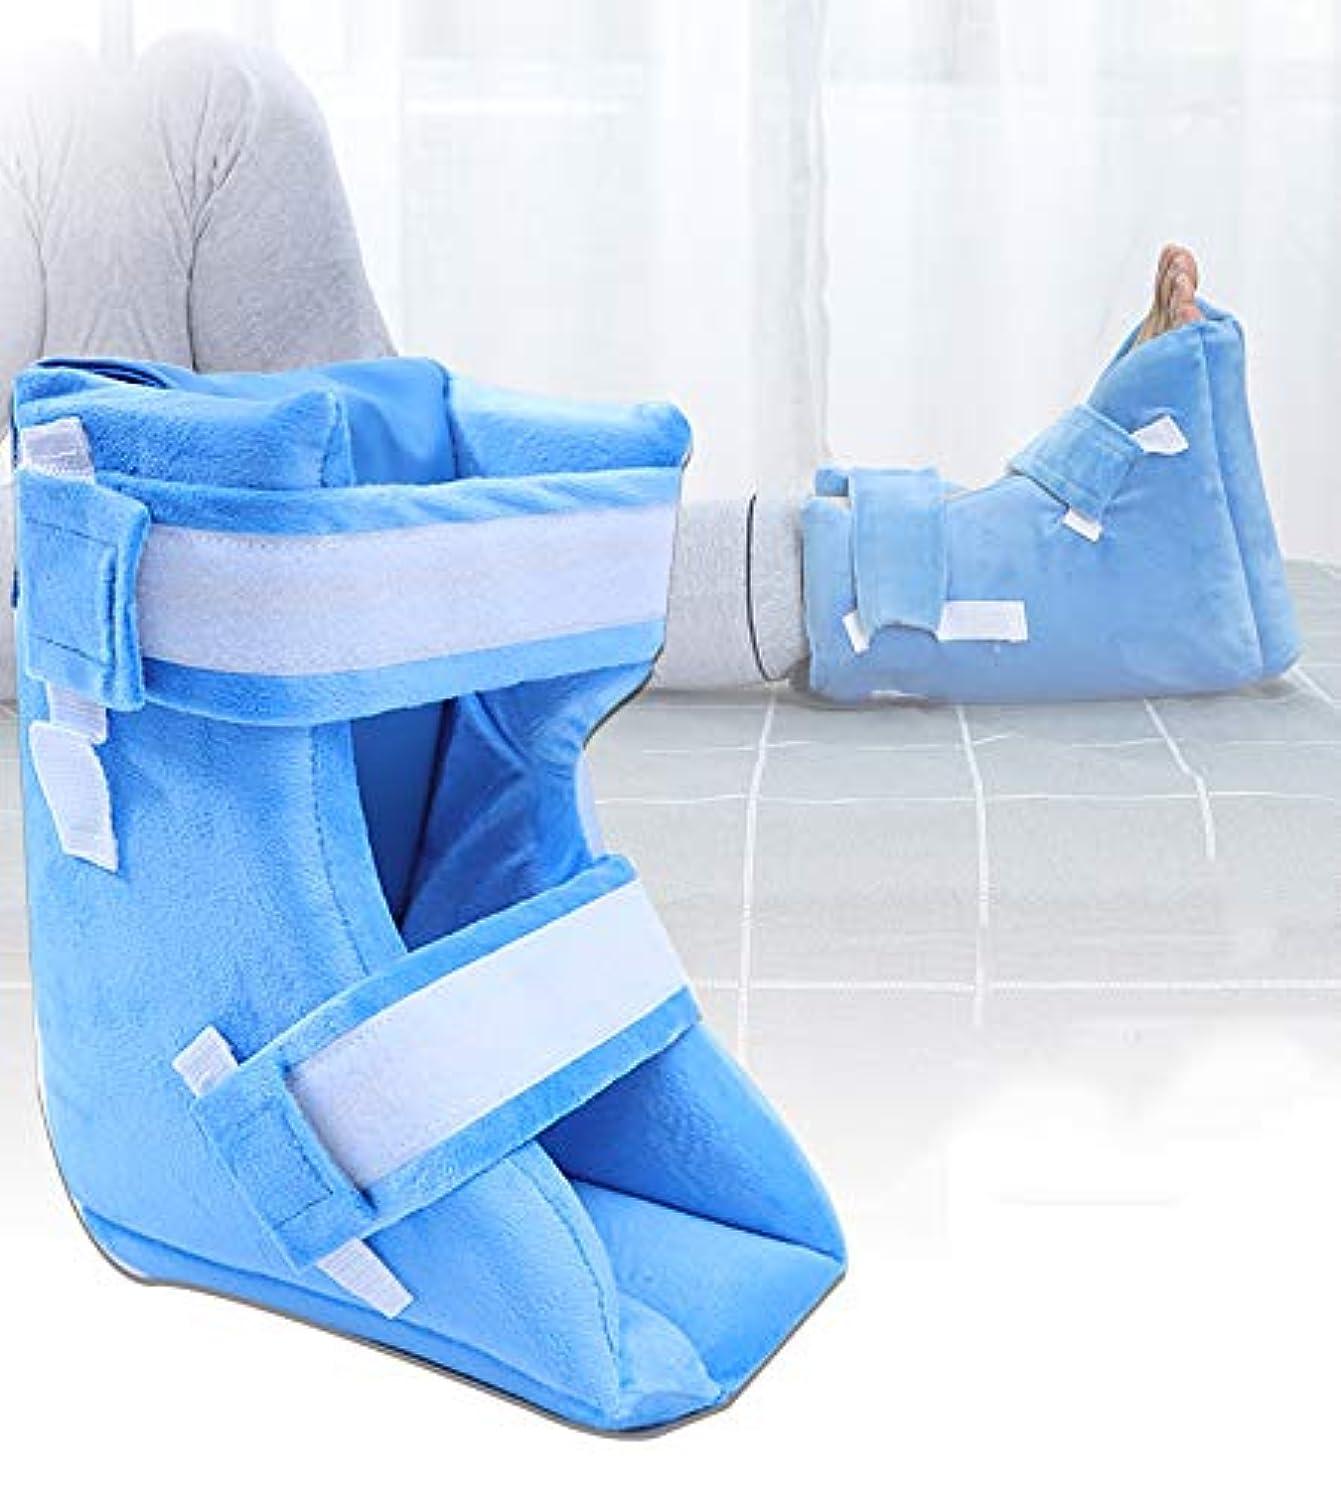 納屋単調な六分儀通気性のスポンジを充填した足の枕のかかとのクッションプロテクター - 褥瘡&かかとの潰瘍の軽減のためのかかと&足の保護,1Pcs